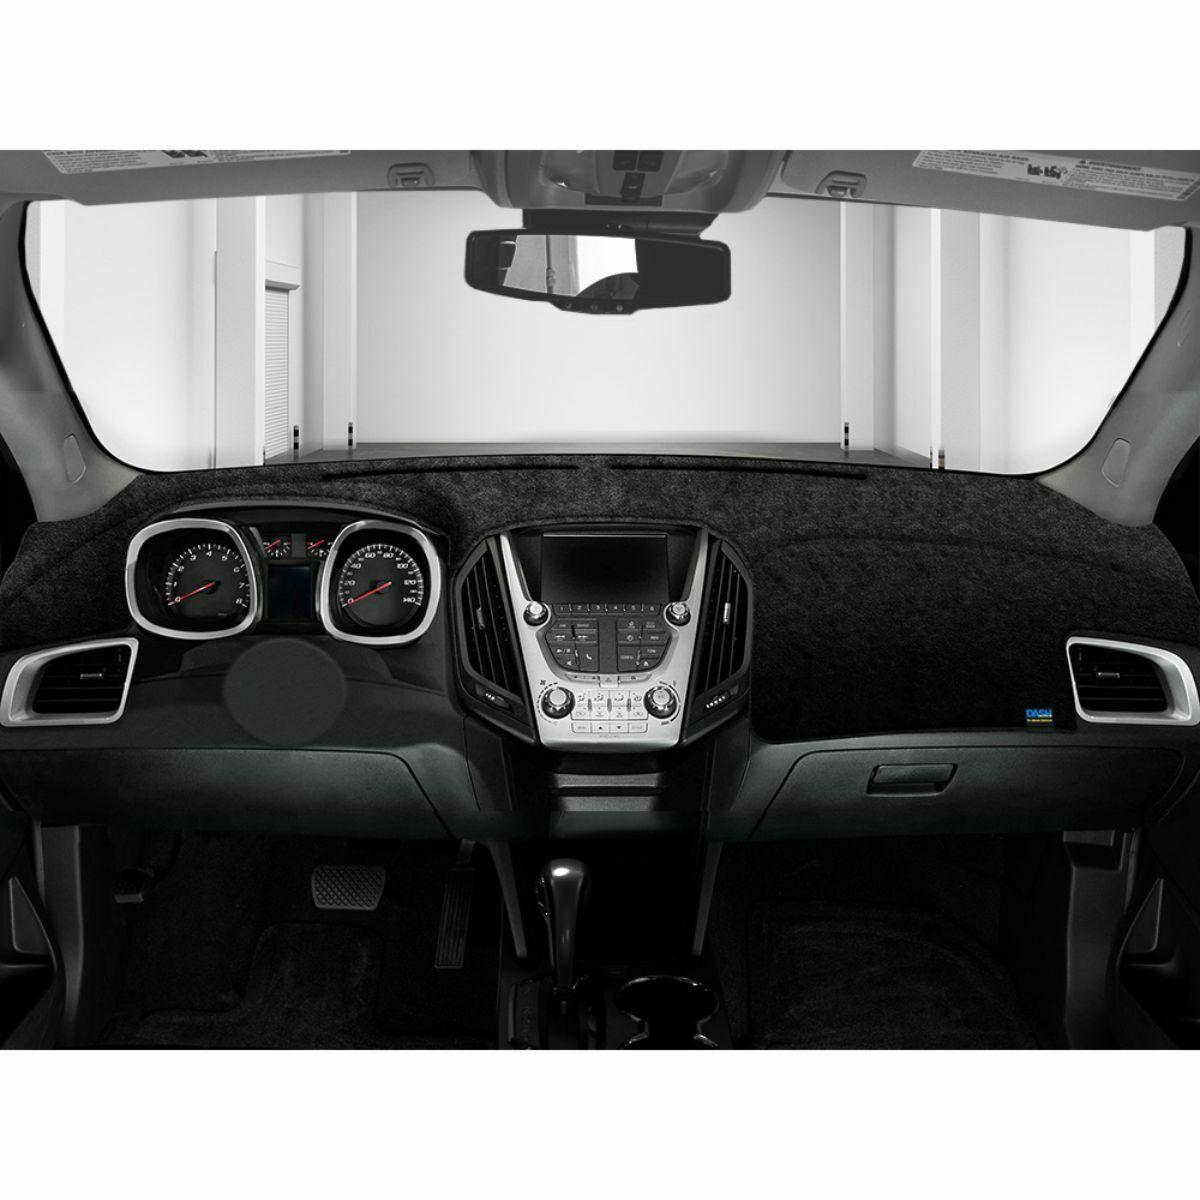 Dash Topper Car Mat Dashboard Cover For Lexus 2006 2013 Is Series Dt1862 0 Ebay Dashboard Covers Car Mats Lexus